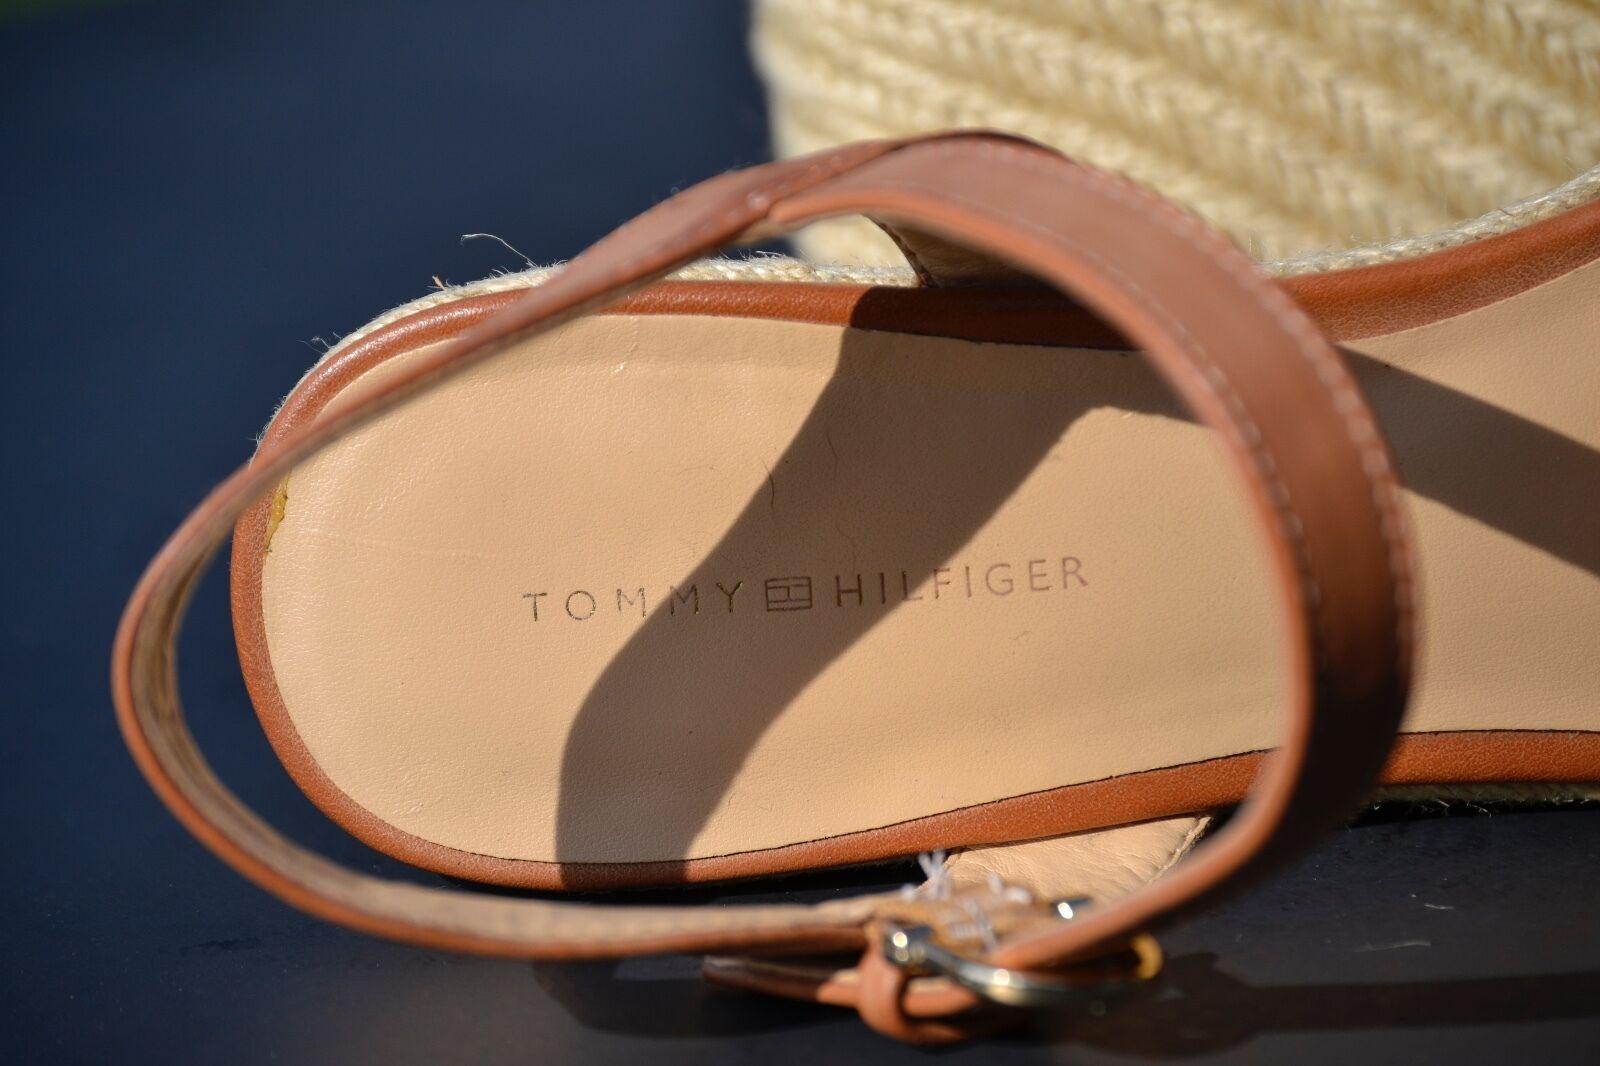 TOMMY HILFIGER Tiwadella Womens Tan Open Toe Slin… - image 7